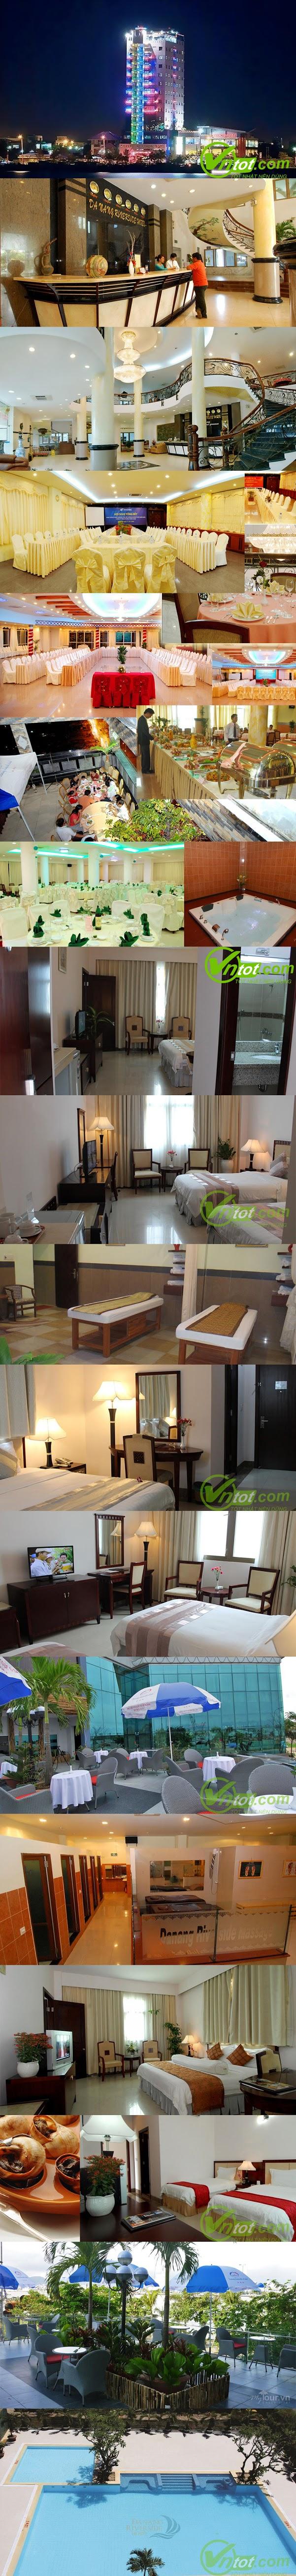 khách sạn gần cầu Rồng chất lượng tốt: Khách sạn Reiverside Đà Nẵng